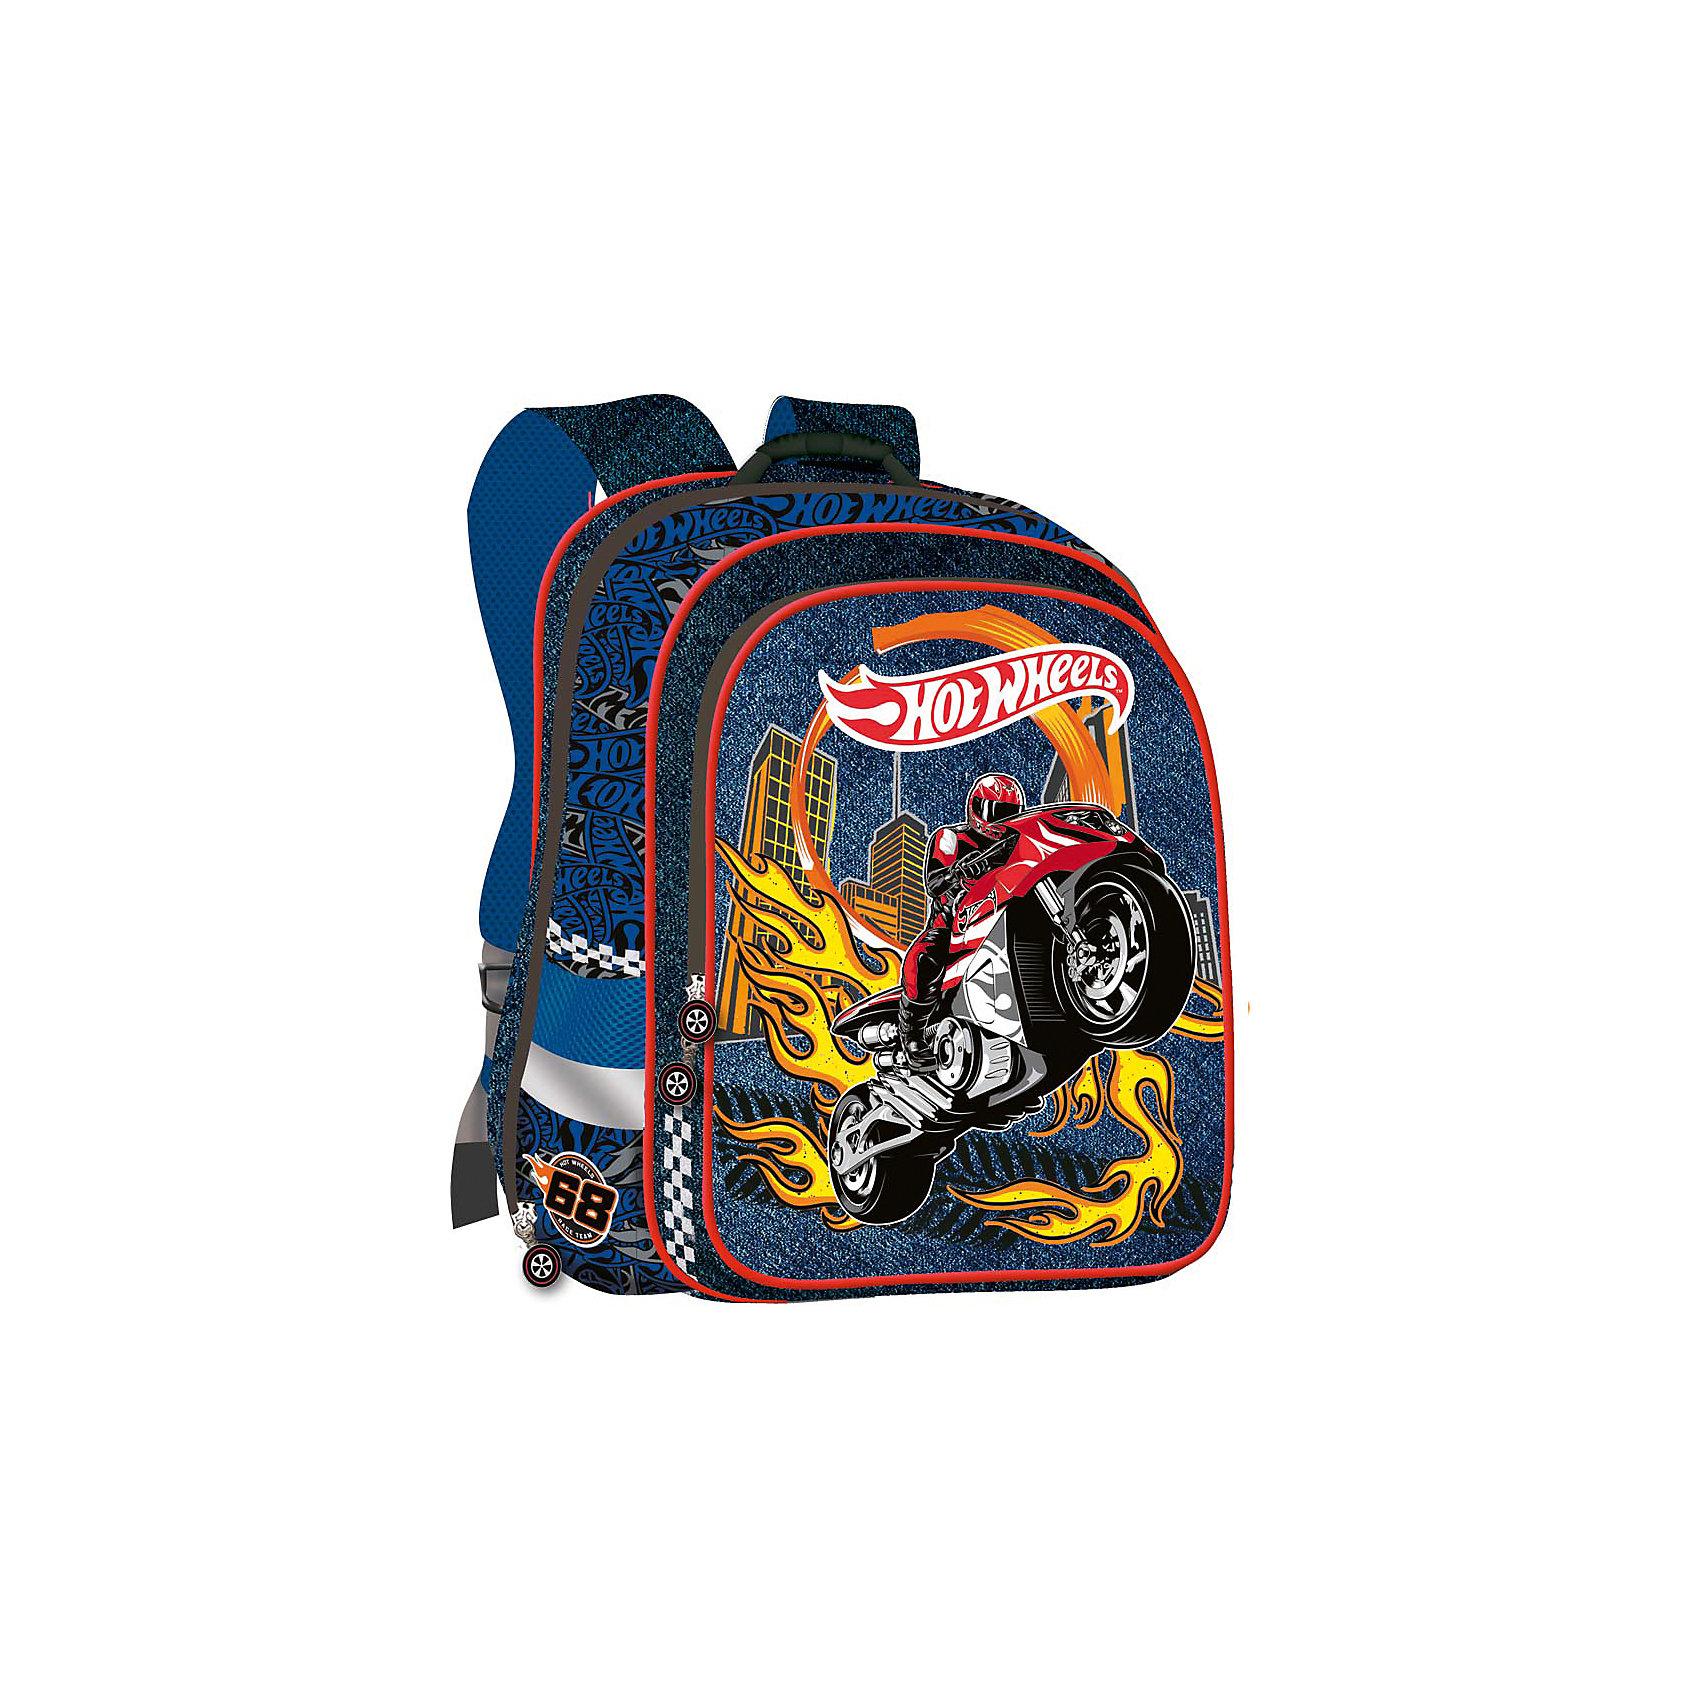 Ортопедический ранец Super bag, Hot WheelsОртопедический ранец Super bag, Hot Wheels (Хот Вилс) – это удобная форма, практичность, отличное качество и оптимальный вес.<br>Ортопедический ранец Super bag, Hot Wheels (Хот Вилс) – это удобный, вместительный, надежный и функциональный ранец. В этой модели реализованы все требования позволяющие, носить ранец с удобством и максимальным комфортом. Жесткий корпус, ортопедическая спинка помогают равномерно распределить вес ранца. Широкие уплотненные регулируемые лямки позволяют адаптировать ранец к изменению роста ребенка. Ранец имеет два больших отделения на молнии, внутреннее отделение для тетрадей, два боковых кармана для бутылочки и зонтика. Бегунки застежек-молний украшены брелоками. Предусмотрена удобная ручка для переноски ранца. Светоотражающие полосы сделают ребенка заметным на проезжей части в темное время суток и в сумерках.<br><br>Дополнительная информация:<br><br>- Размер упаковки: 33х42х14 см.<br>- Вес в упаковки: 1000 гр.<br><br>Ортопедический ранец Super bag, Hot Wheels (Хот Вилс) можно купить в нашем интернет-магазине.<br><br>Ширина мм: 330<br>Глубина мм: 420<br>Высота мм: 140<br>Вес г: 1000<br>Возраст от месяцев: 48<br>Возраст до месяцев: 96<br>Пол: Мужской<br>Возраст: Детский<br>SKU: 4700020